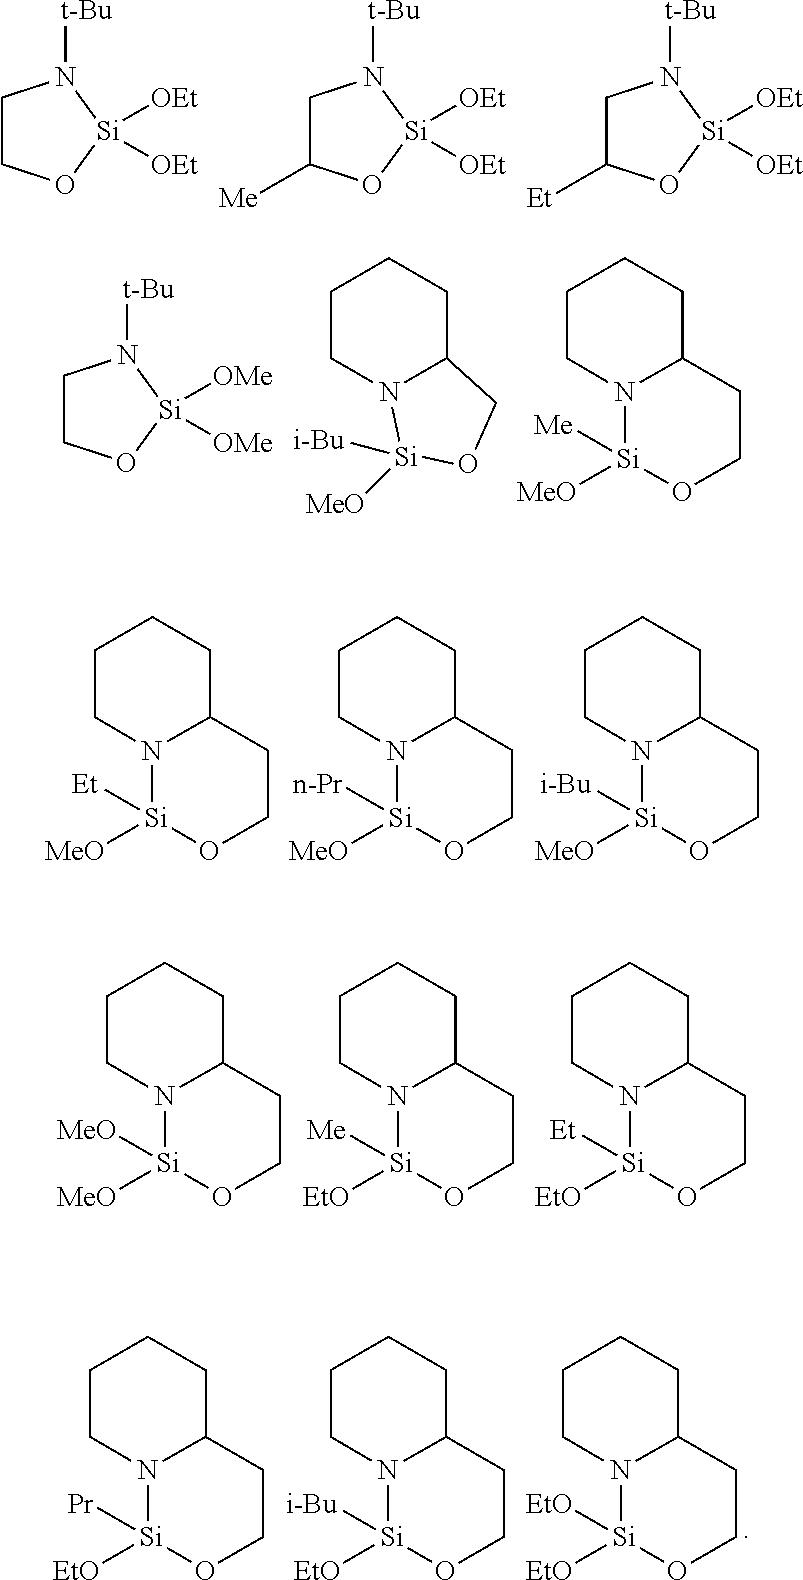 Figure US20130109820A1-20130502-C00006